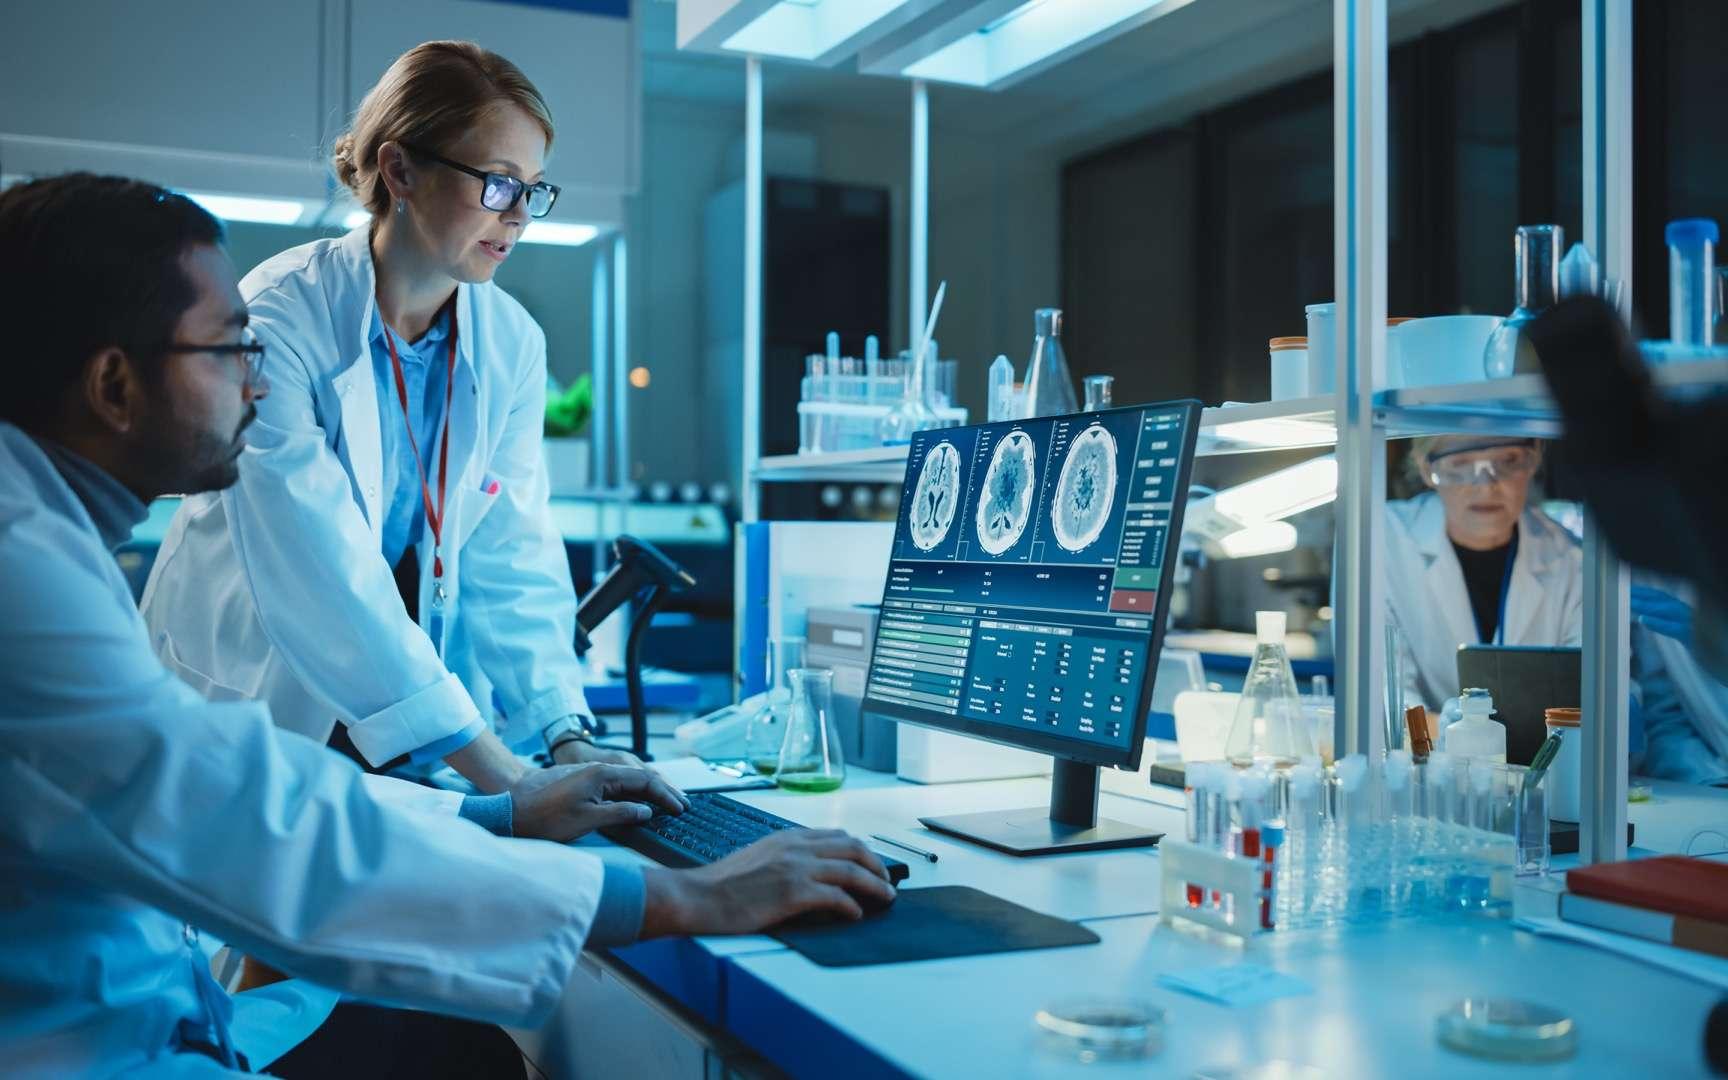 Les biotechnologies se retrouvent dans la santé, l'agriculture ou l'industrie. Selon le domaine, elles sont nommées biotechnologies vertes, rouges, blanches ou bleues.© Gorodenkoff, Adobe Stock